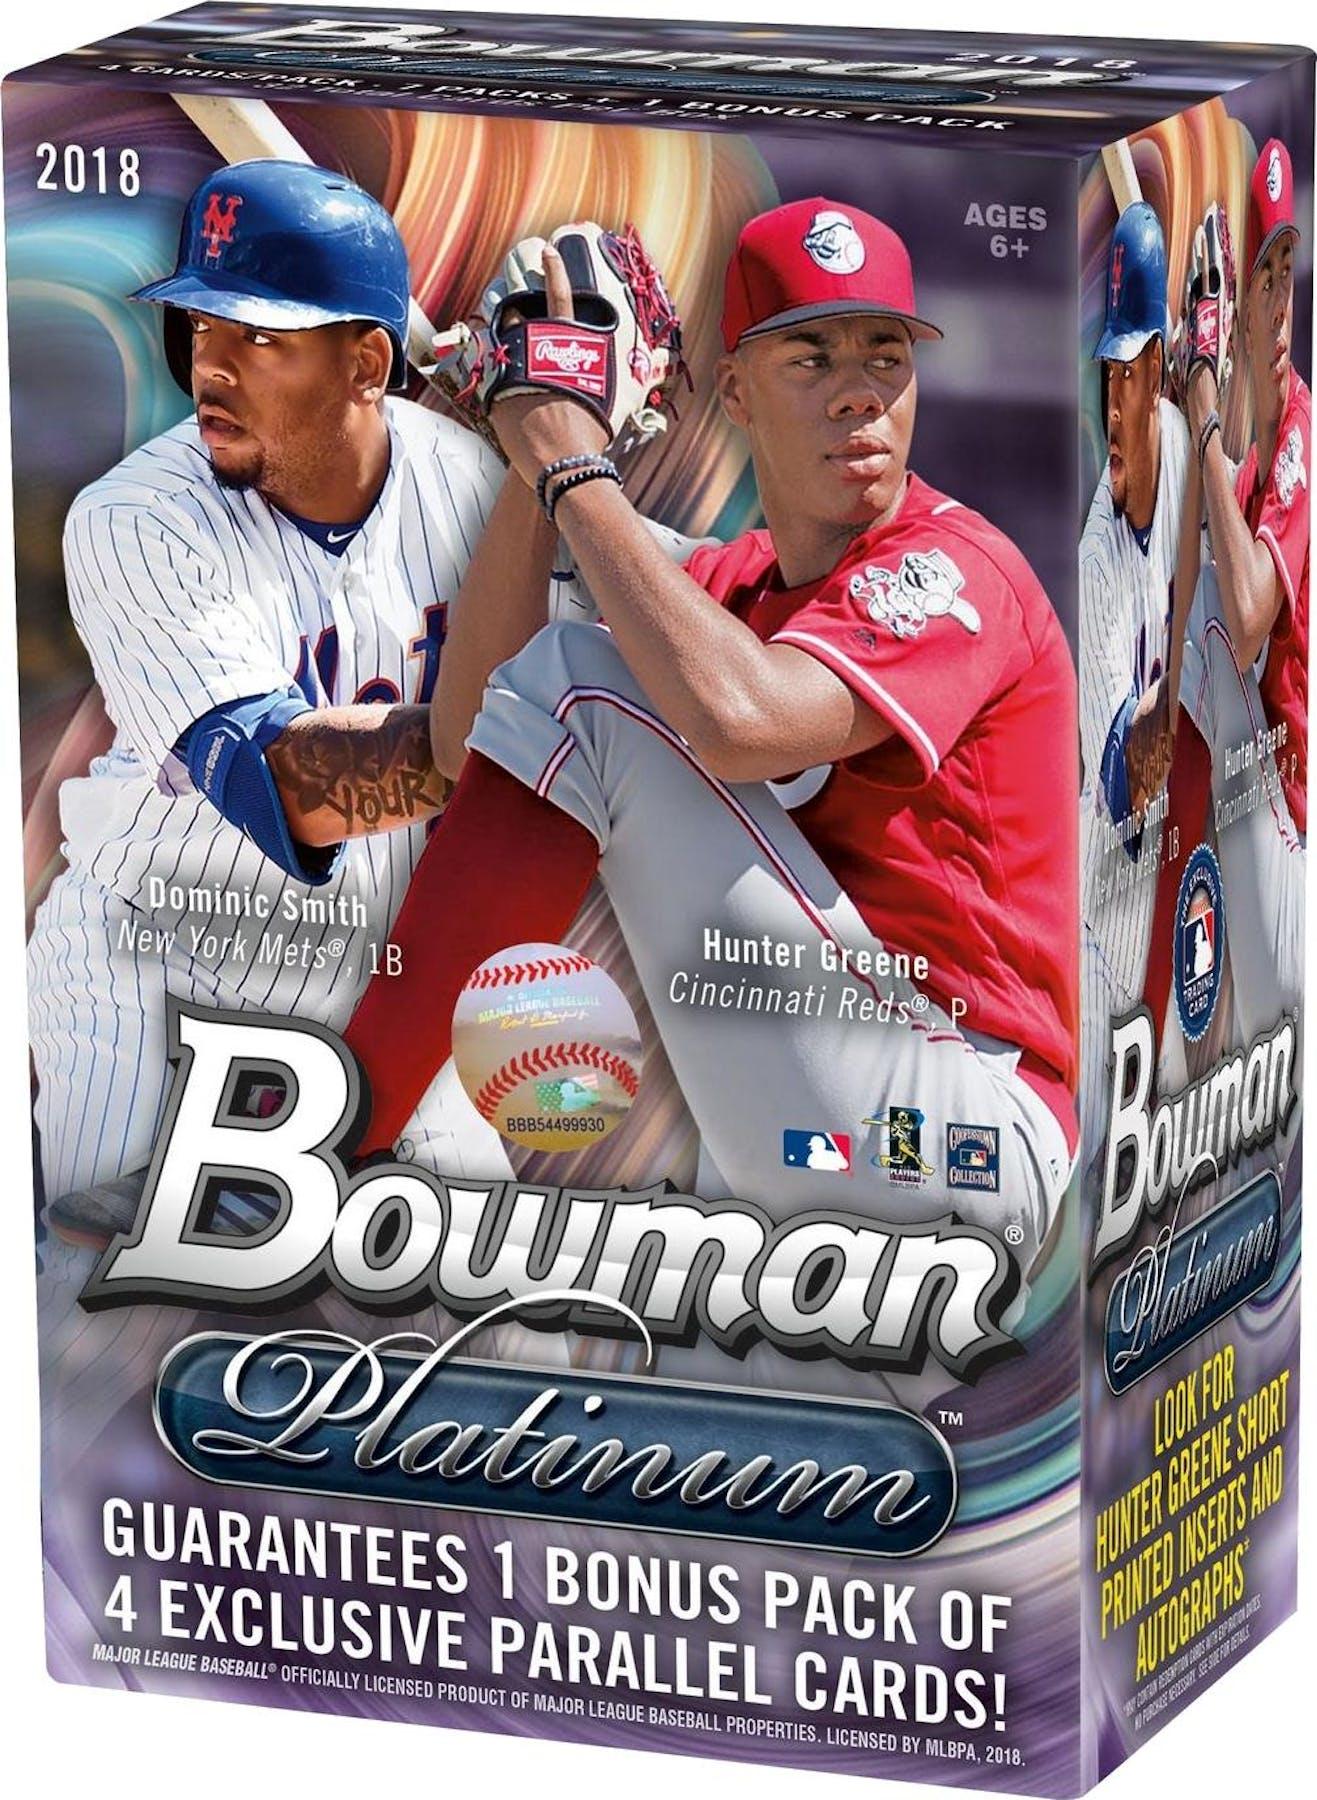 2018 Topps Bowman Platinum Baseball 8 Pack Blaster Box